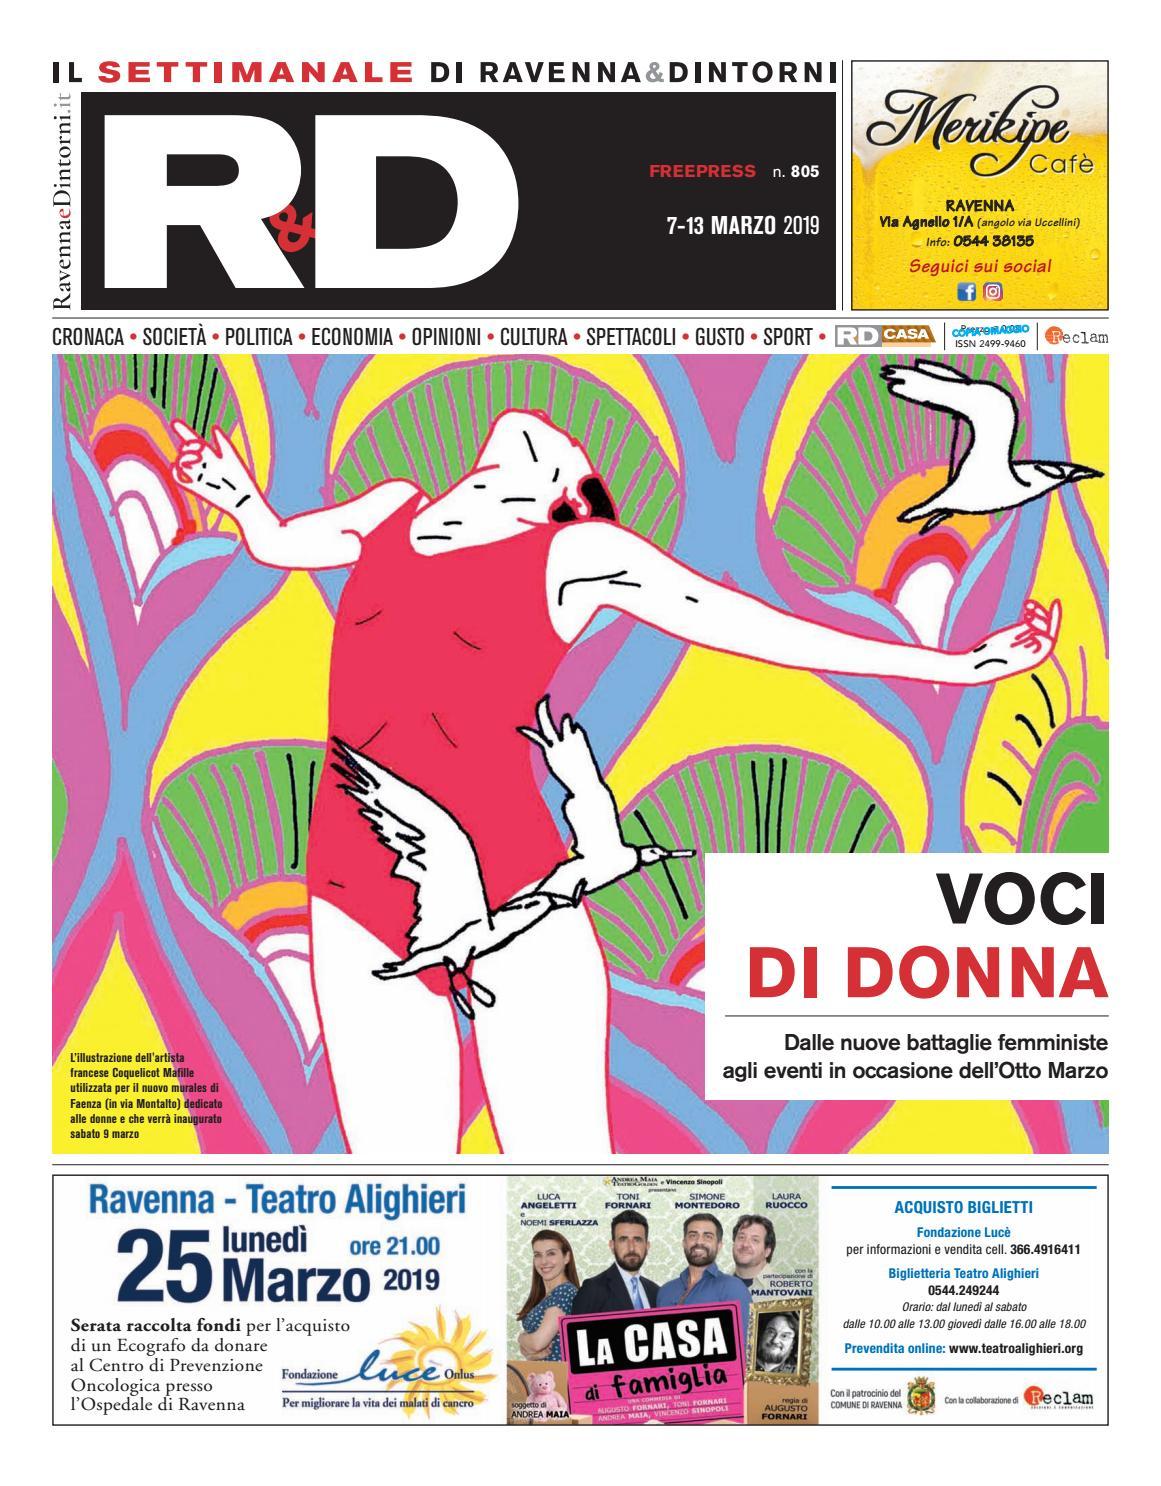 aa05fea4c1 R&D 07 03 2019 by Reclam Edizioni e Comunicazione - issuu